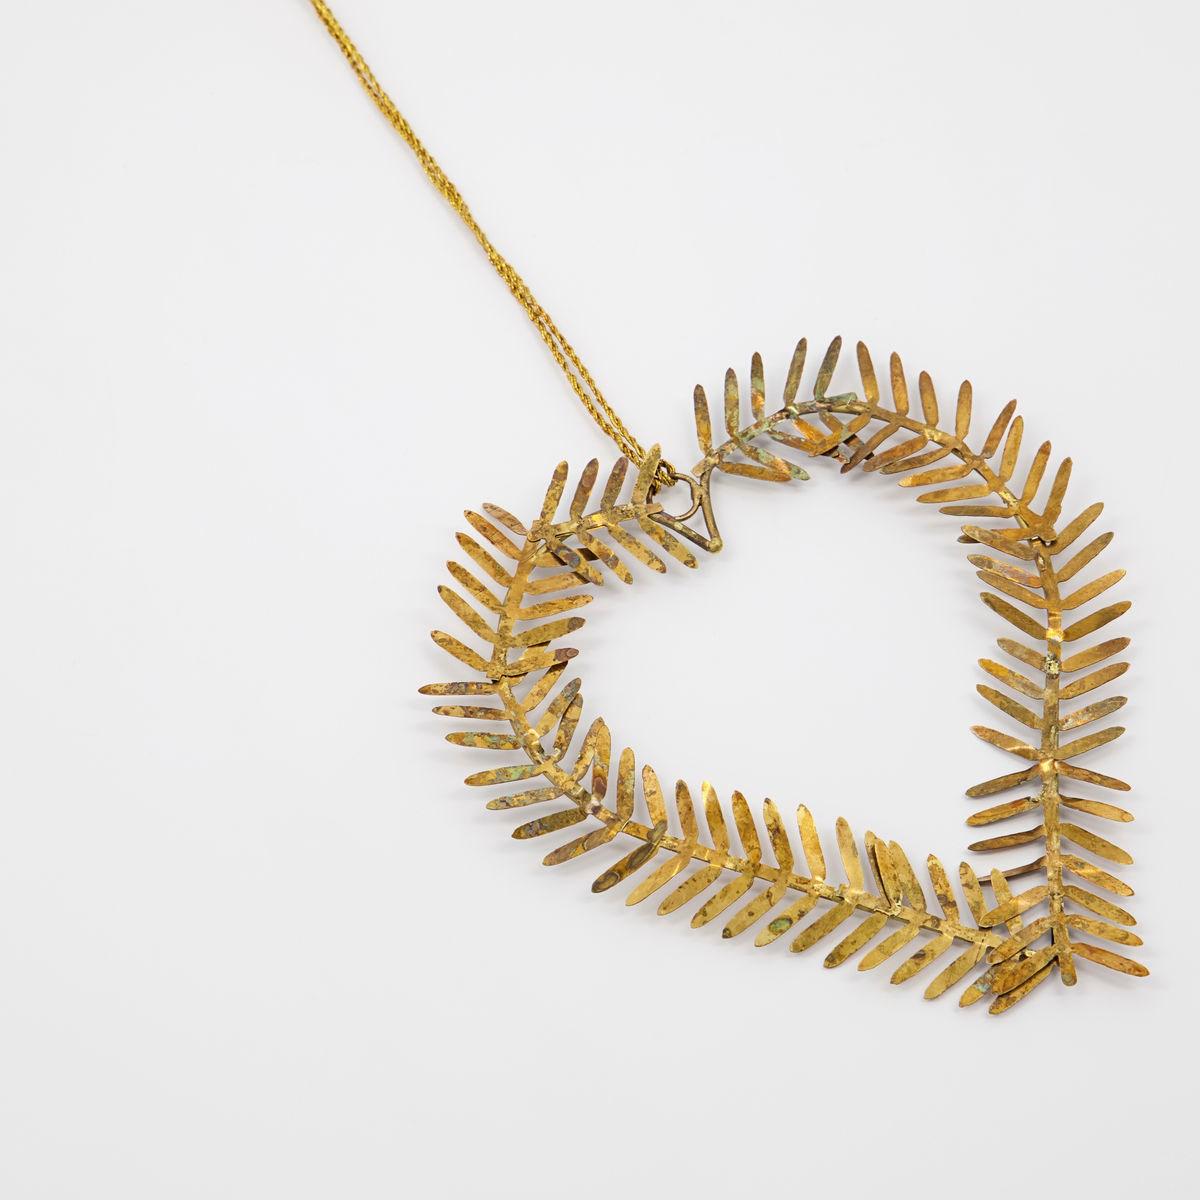 Vánoční ozdoba srdce z větviček LAMET 10 cm mosazná_1